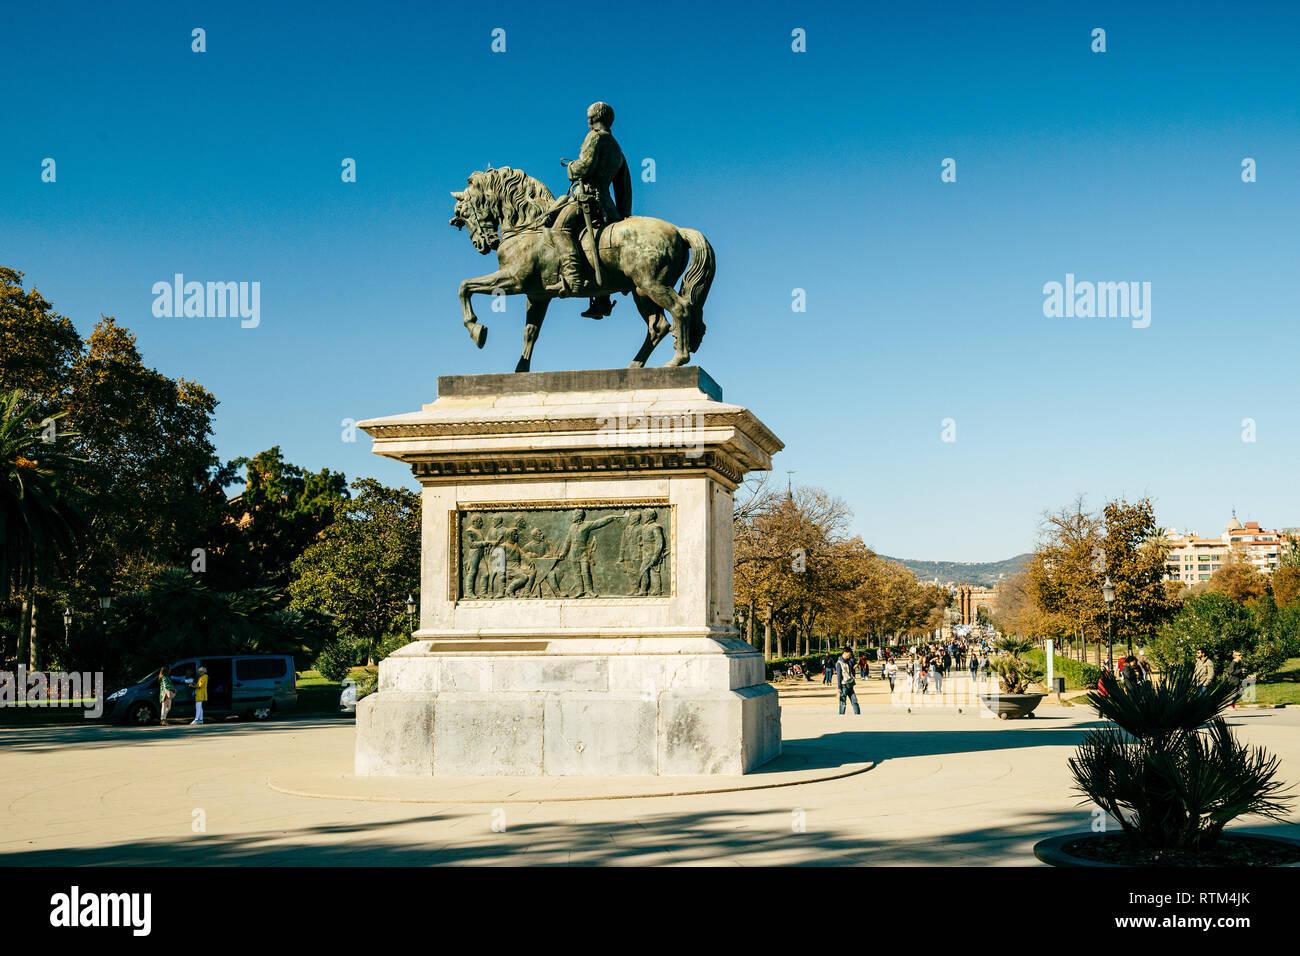 BARCELONA, SPAIN - NOV 12, 2017: Estatua equestre del general Prim statue monument in Parc de la Ciutadella with crowd of tourists in the background on a warm summer day  - Stock Image